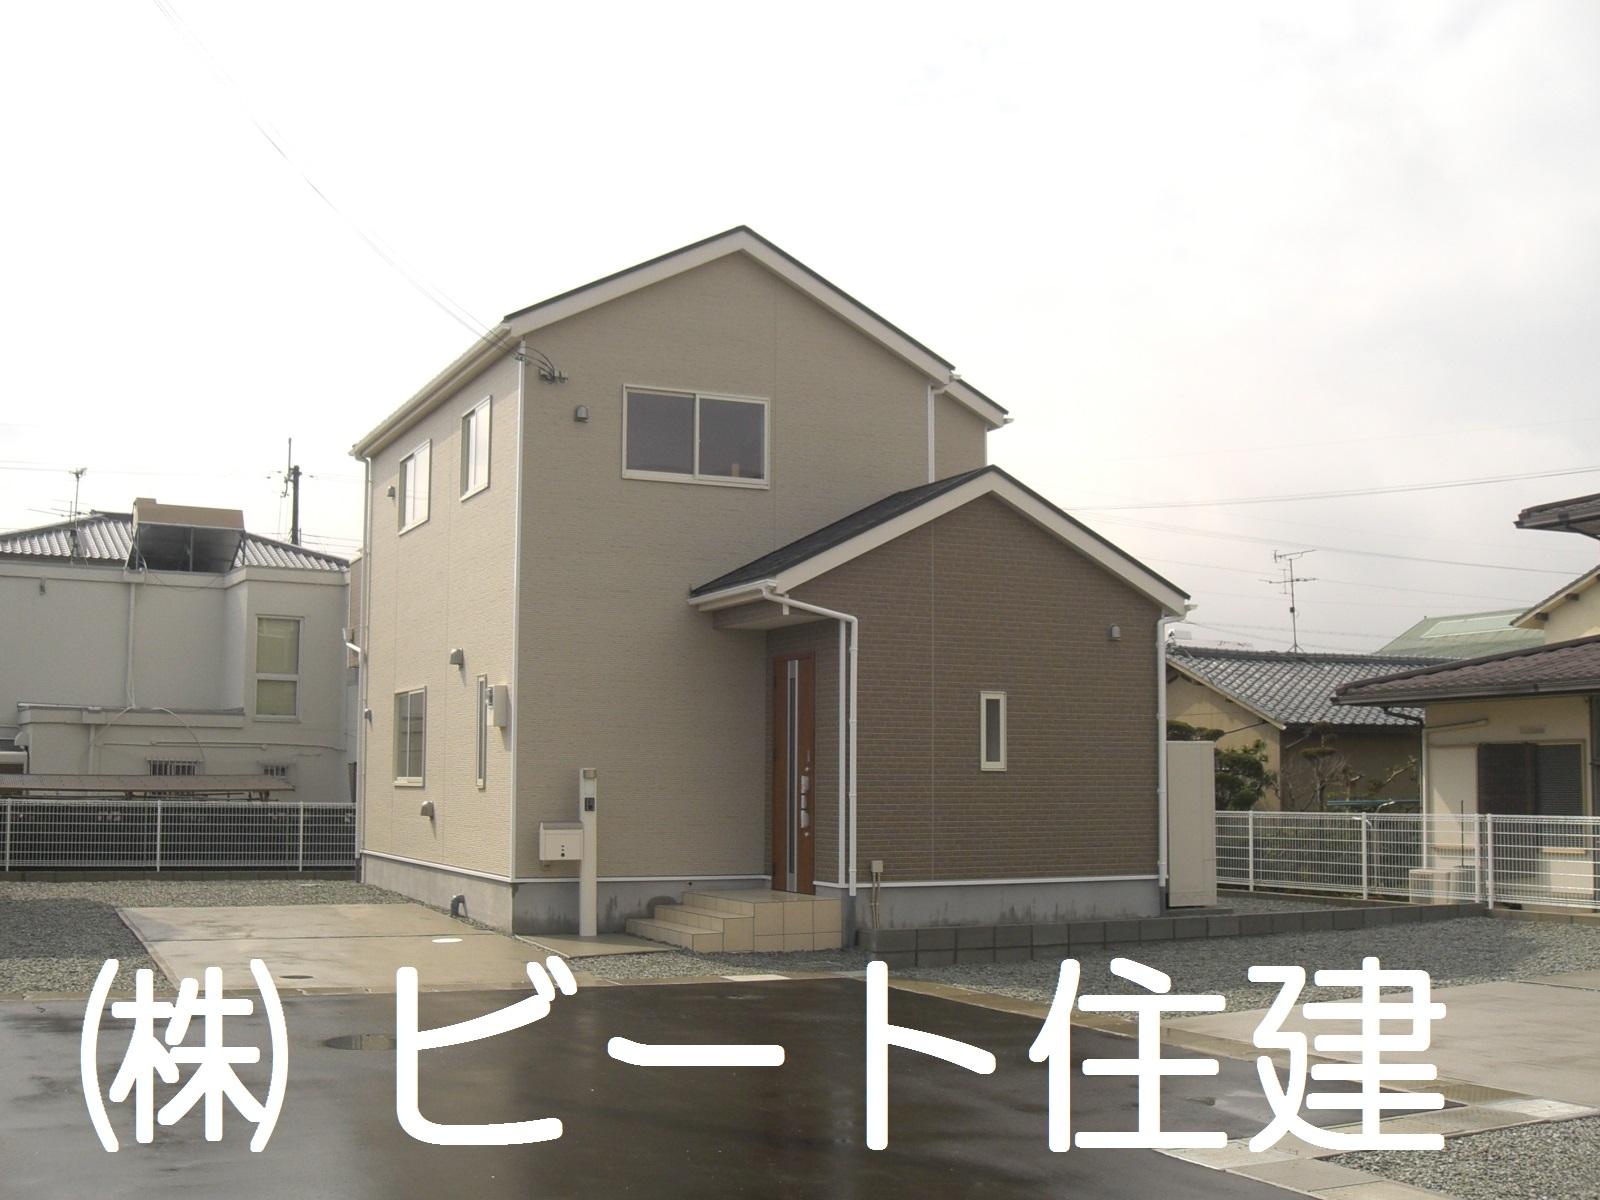 三吉 新築 4LDK オール電化